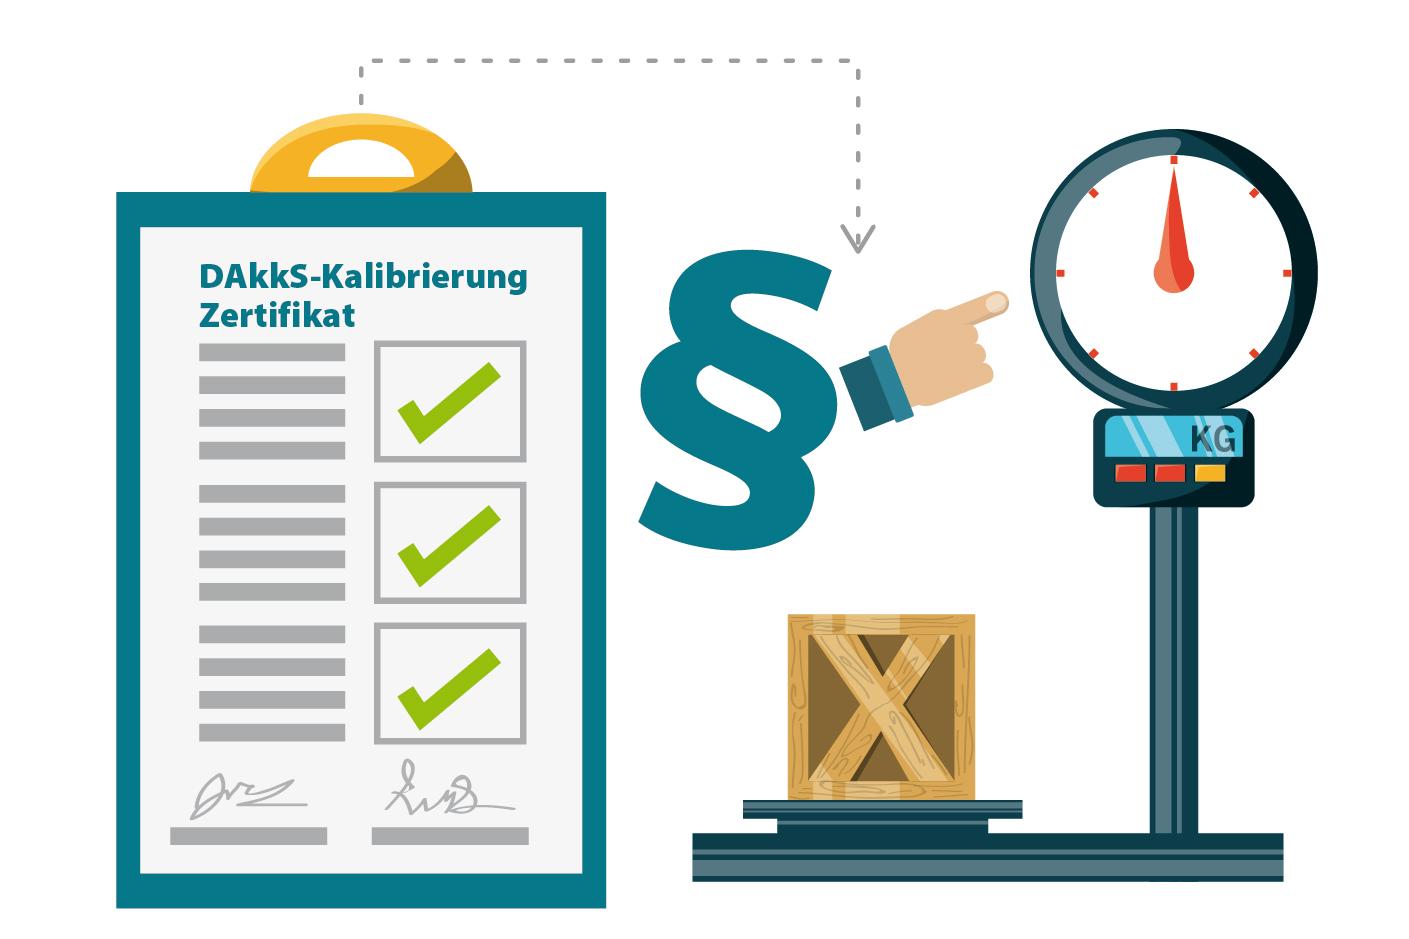 Eine zertifizierte Sicherheit bietet die DAkkS-Kalibrierung. Setzen Sie auf ein zertifizierten Qualitätsstandards sowie größte Mess- und Rechtssicherheit. (#4)